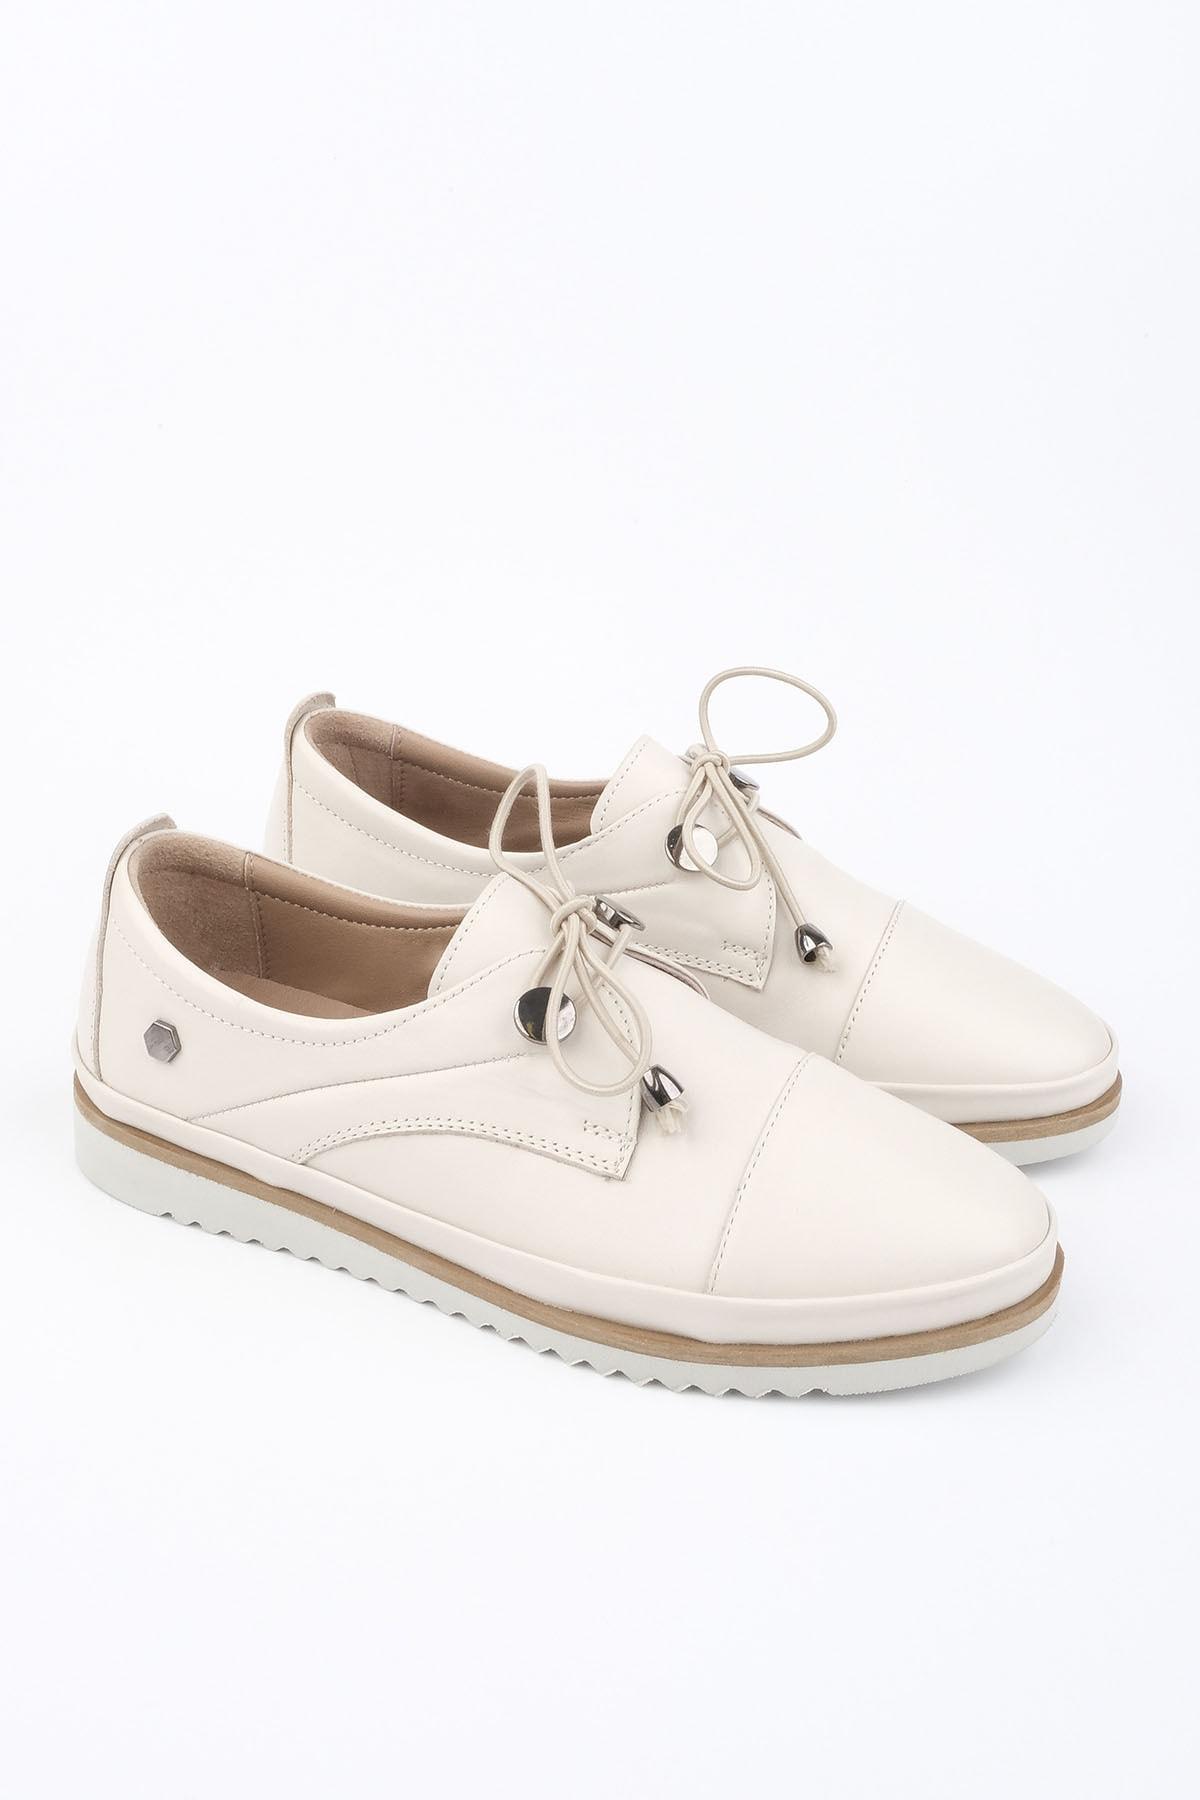 Marjin Demas Kadın Hakiki Deri Comfort AyakkabıKrem